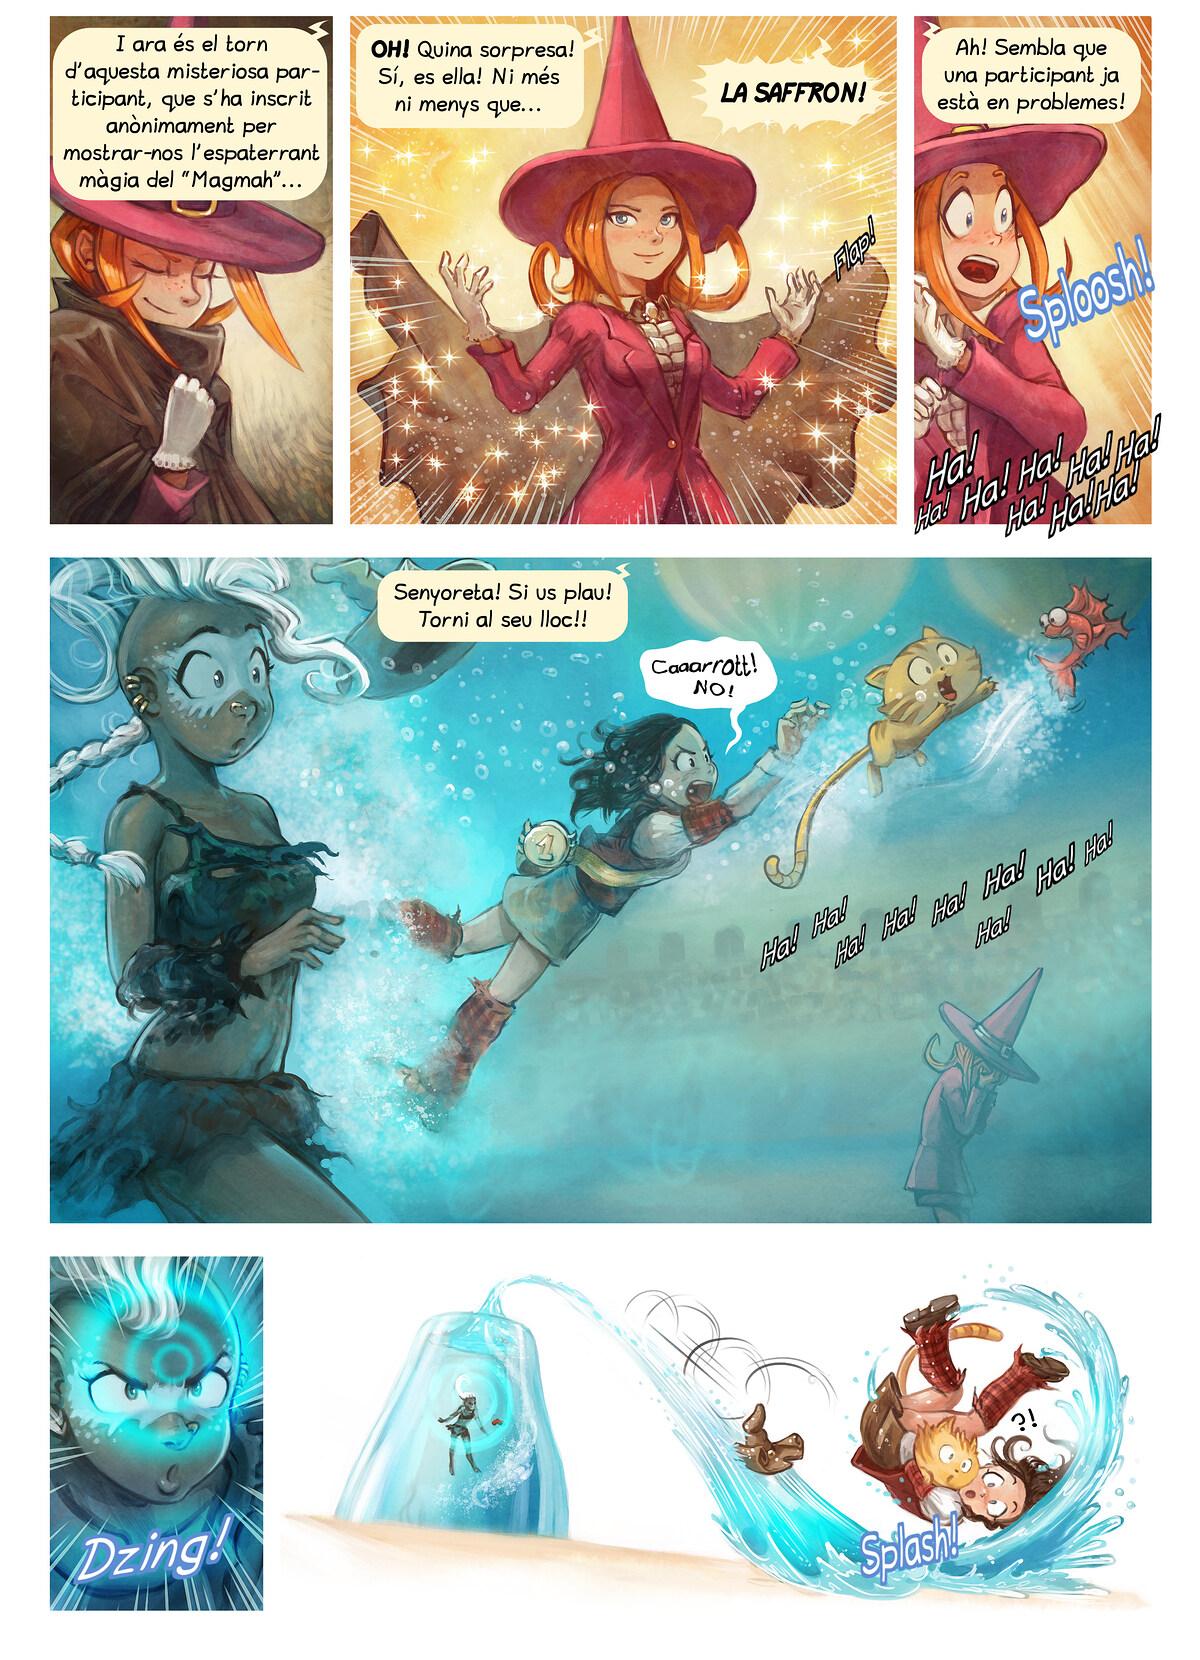 A webcomic page of Pepper&Carrot, episodi 21 [ca], pàgina 6